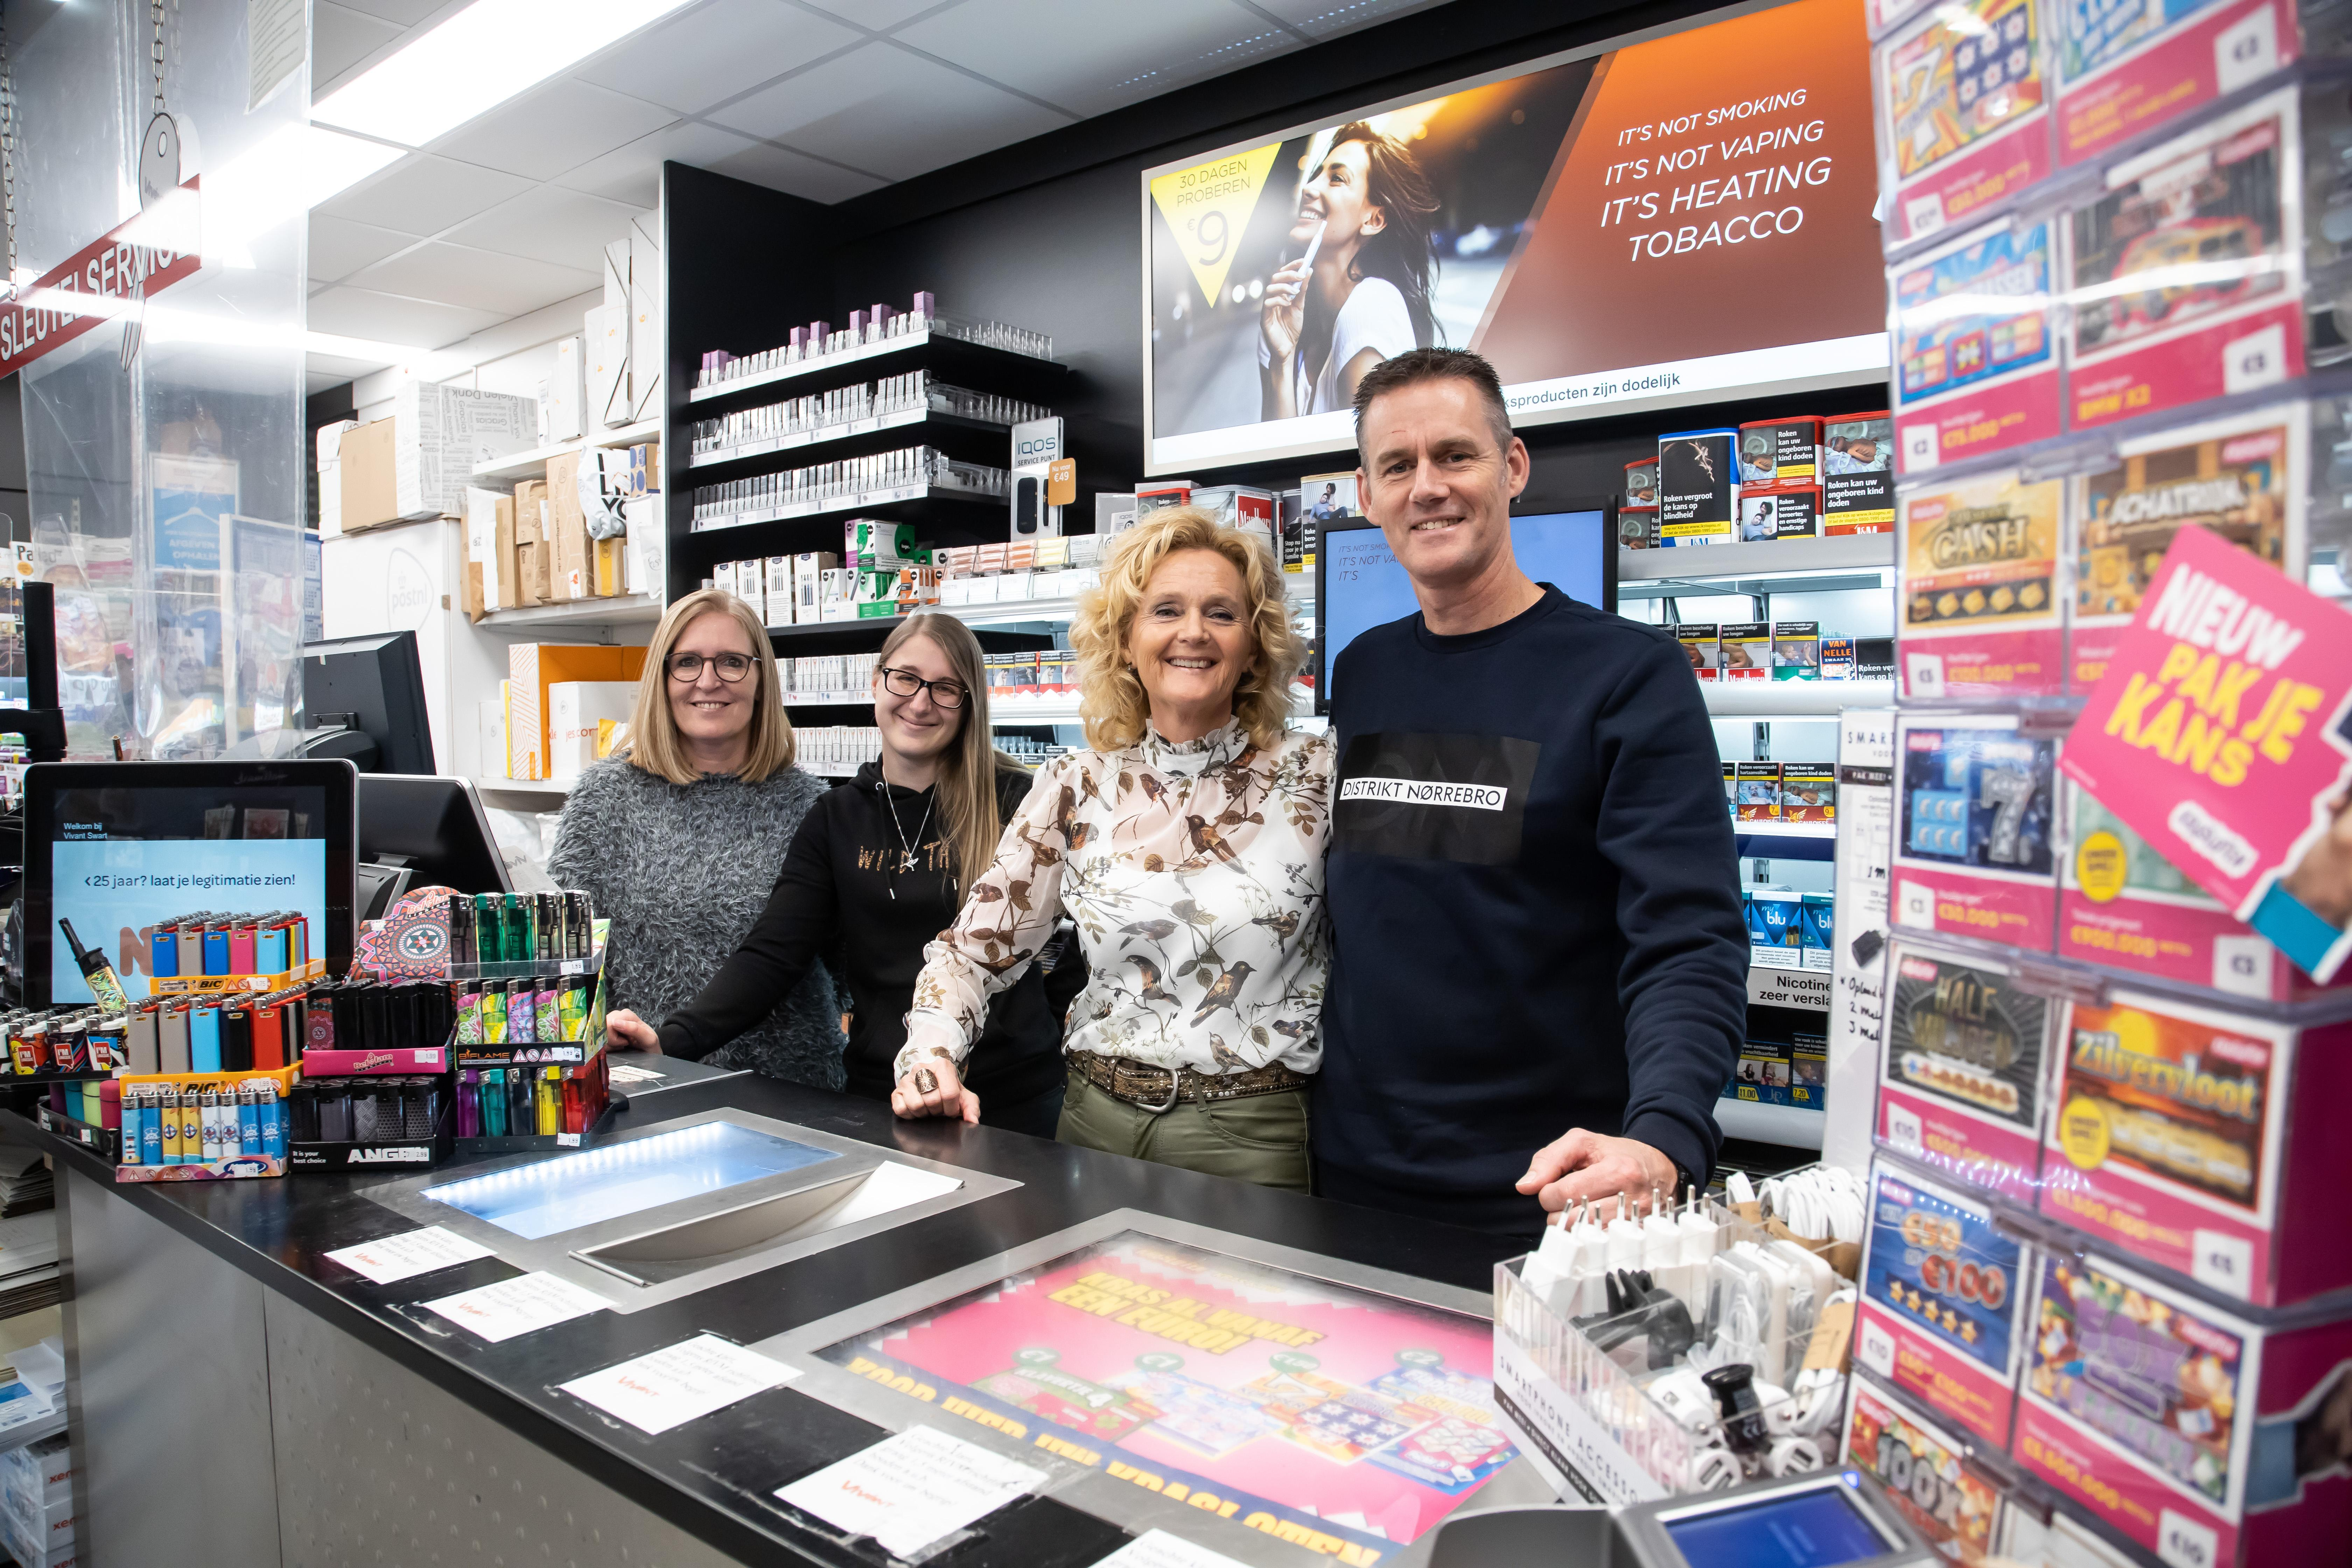 Sandra en Paul Swart na 33 jaar uit tabakshop in de Grote Beer in Hoorn. 'Grote Waal is als een warm thuis'